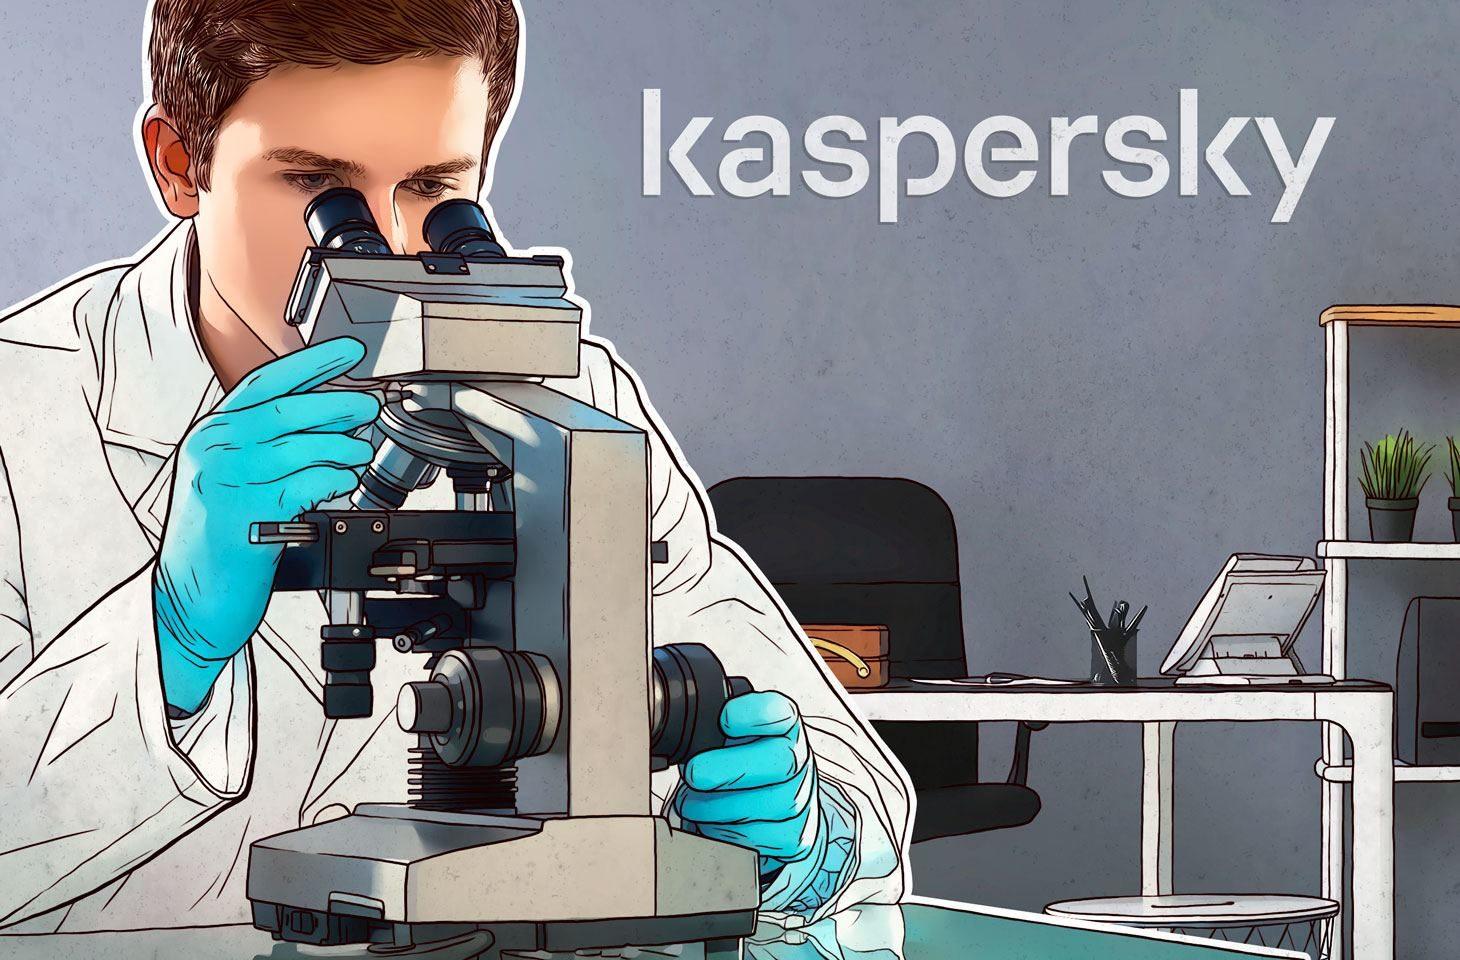 แคสเปอร์สกี้สนับสนุนหน่วยงานการแพทย์ผ่านวิกฤตโควิด-19 ใช้โปรดักส์องค์กรครอบคลุมทุกฟีเจอร์ฟรี 6 เดือน